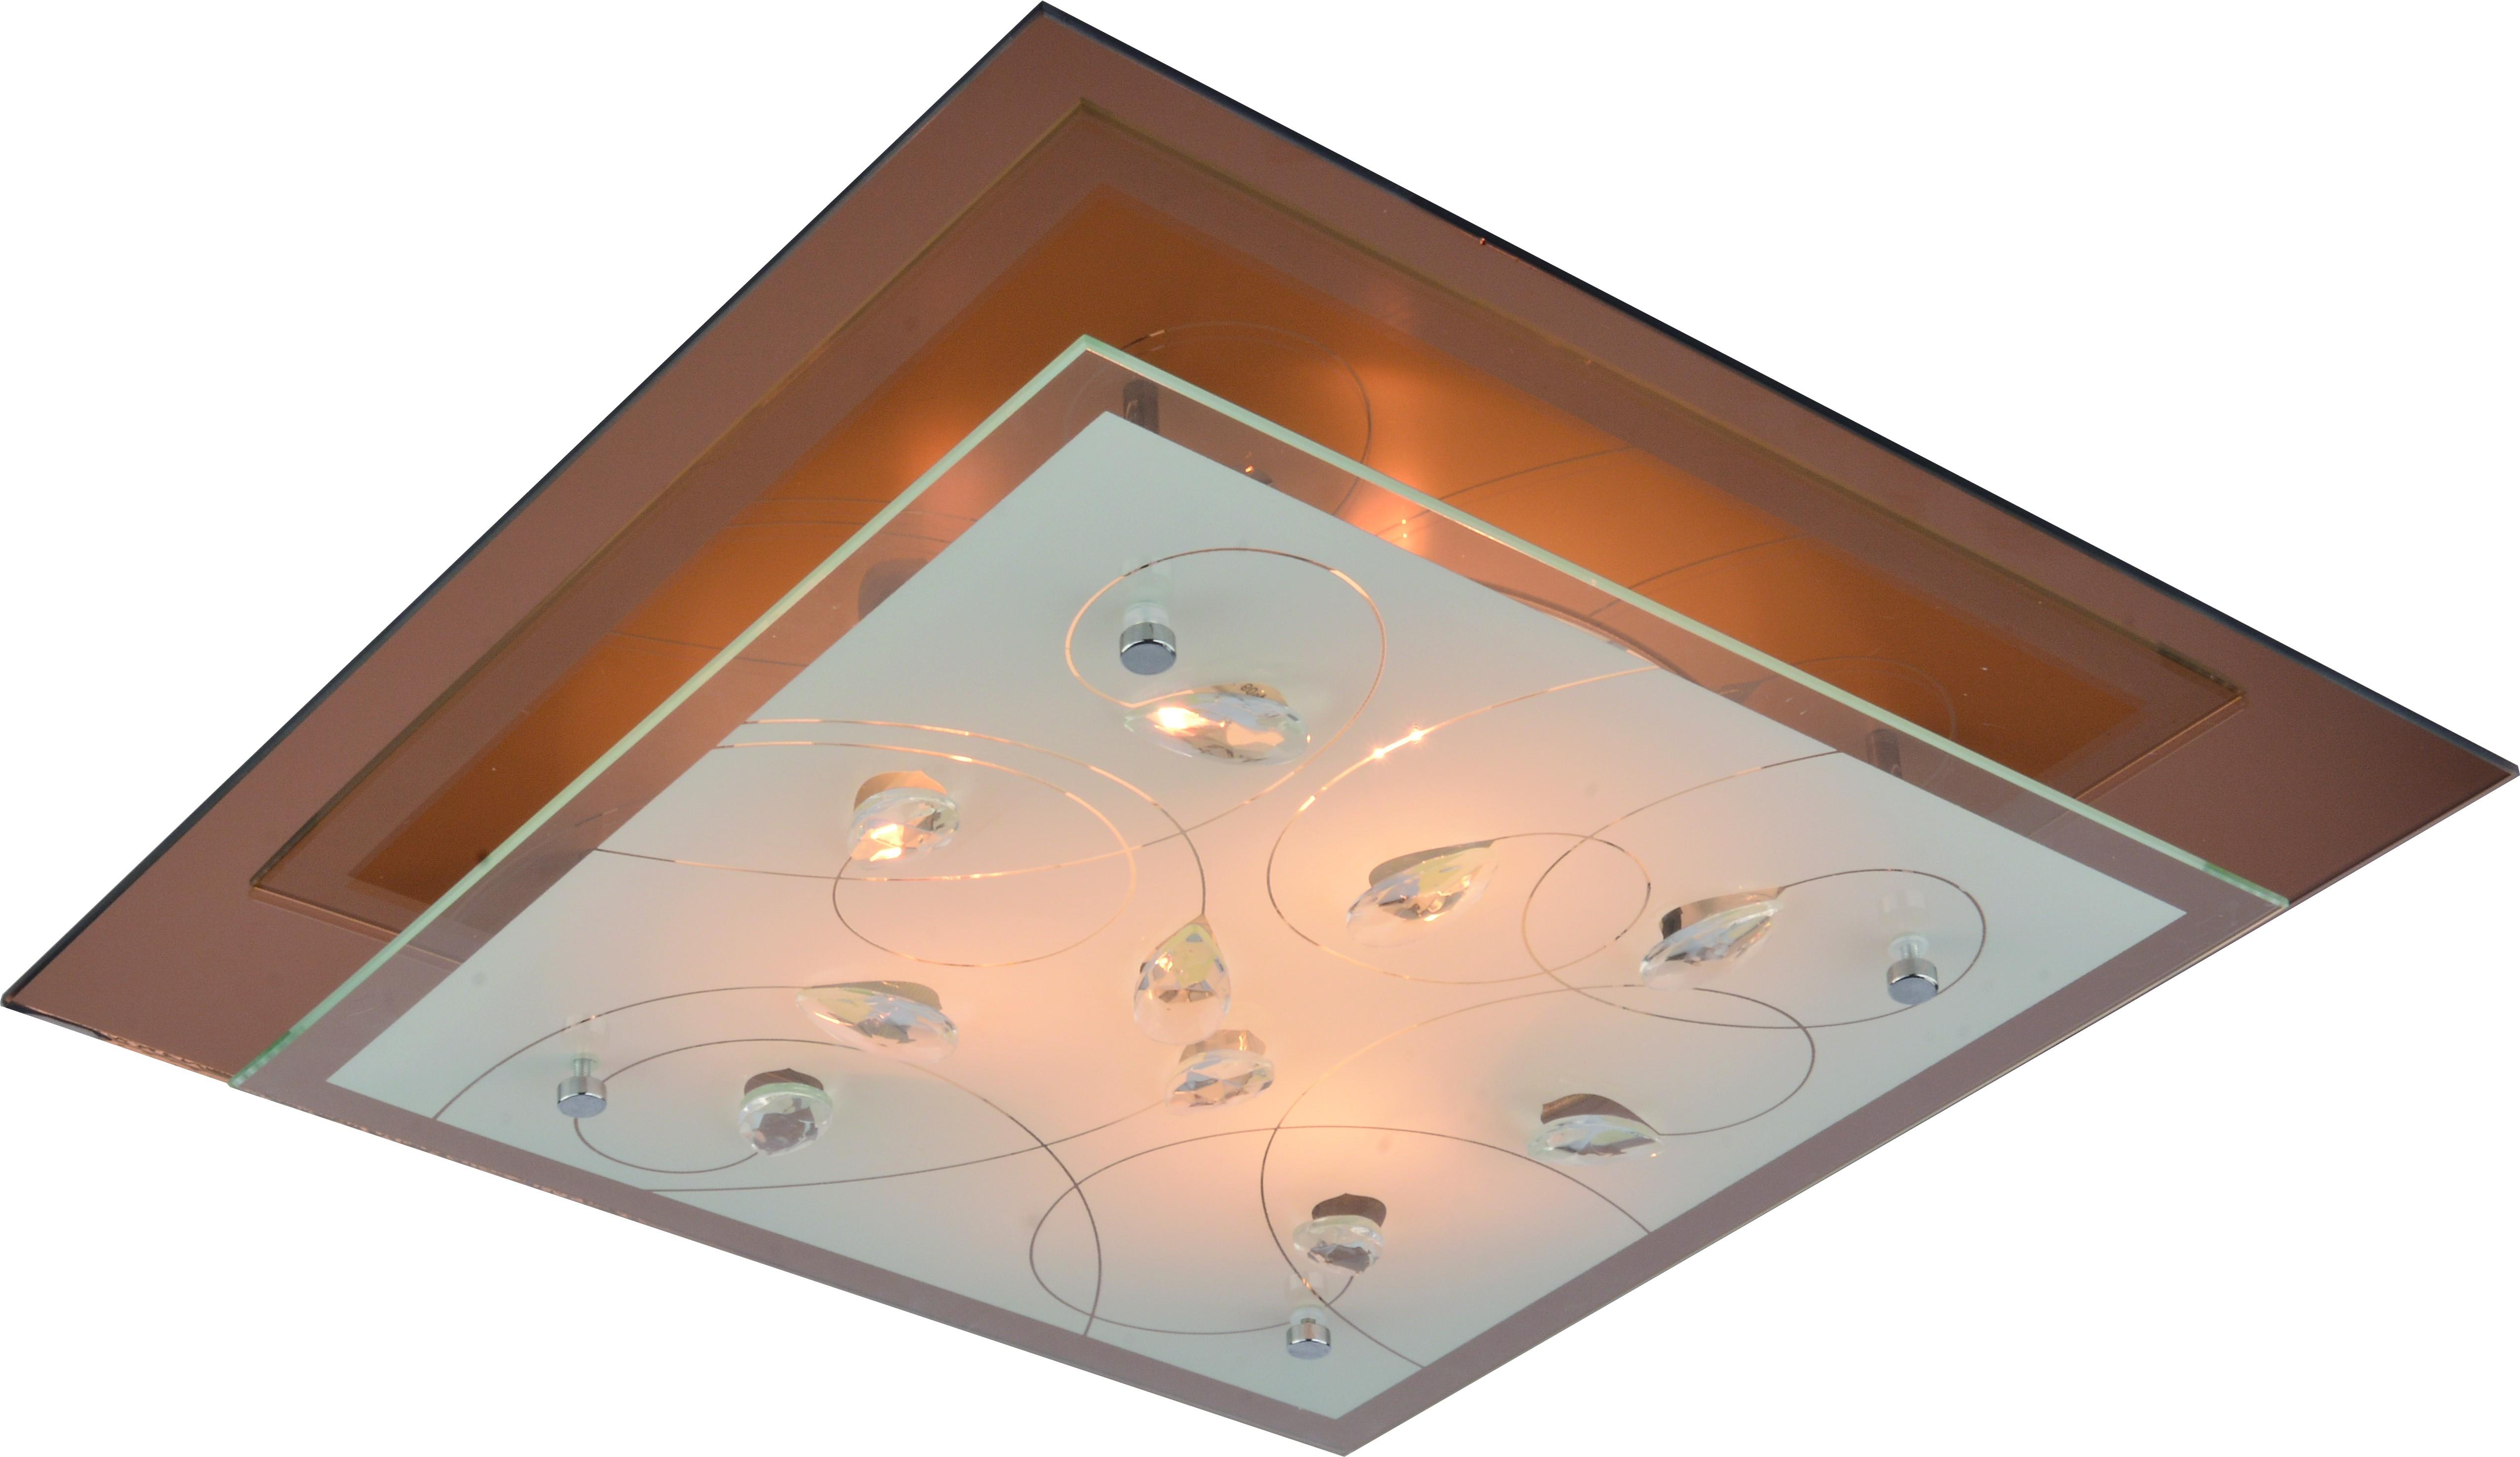 Светильник настенно-потолочный Arte lamp A4042pl-3cc потолочный светильник arte lamp pasta a5085pl 3cc